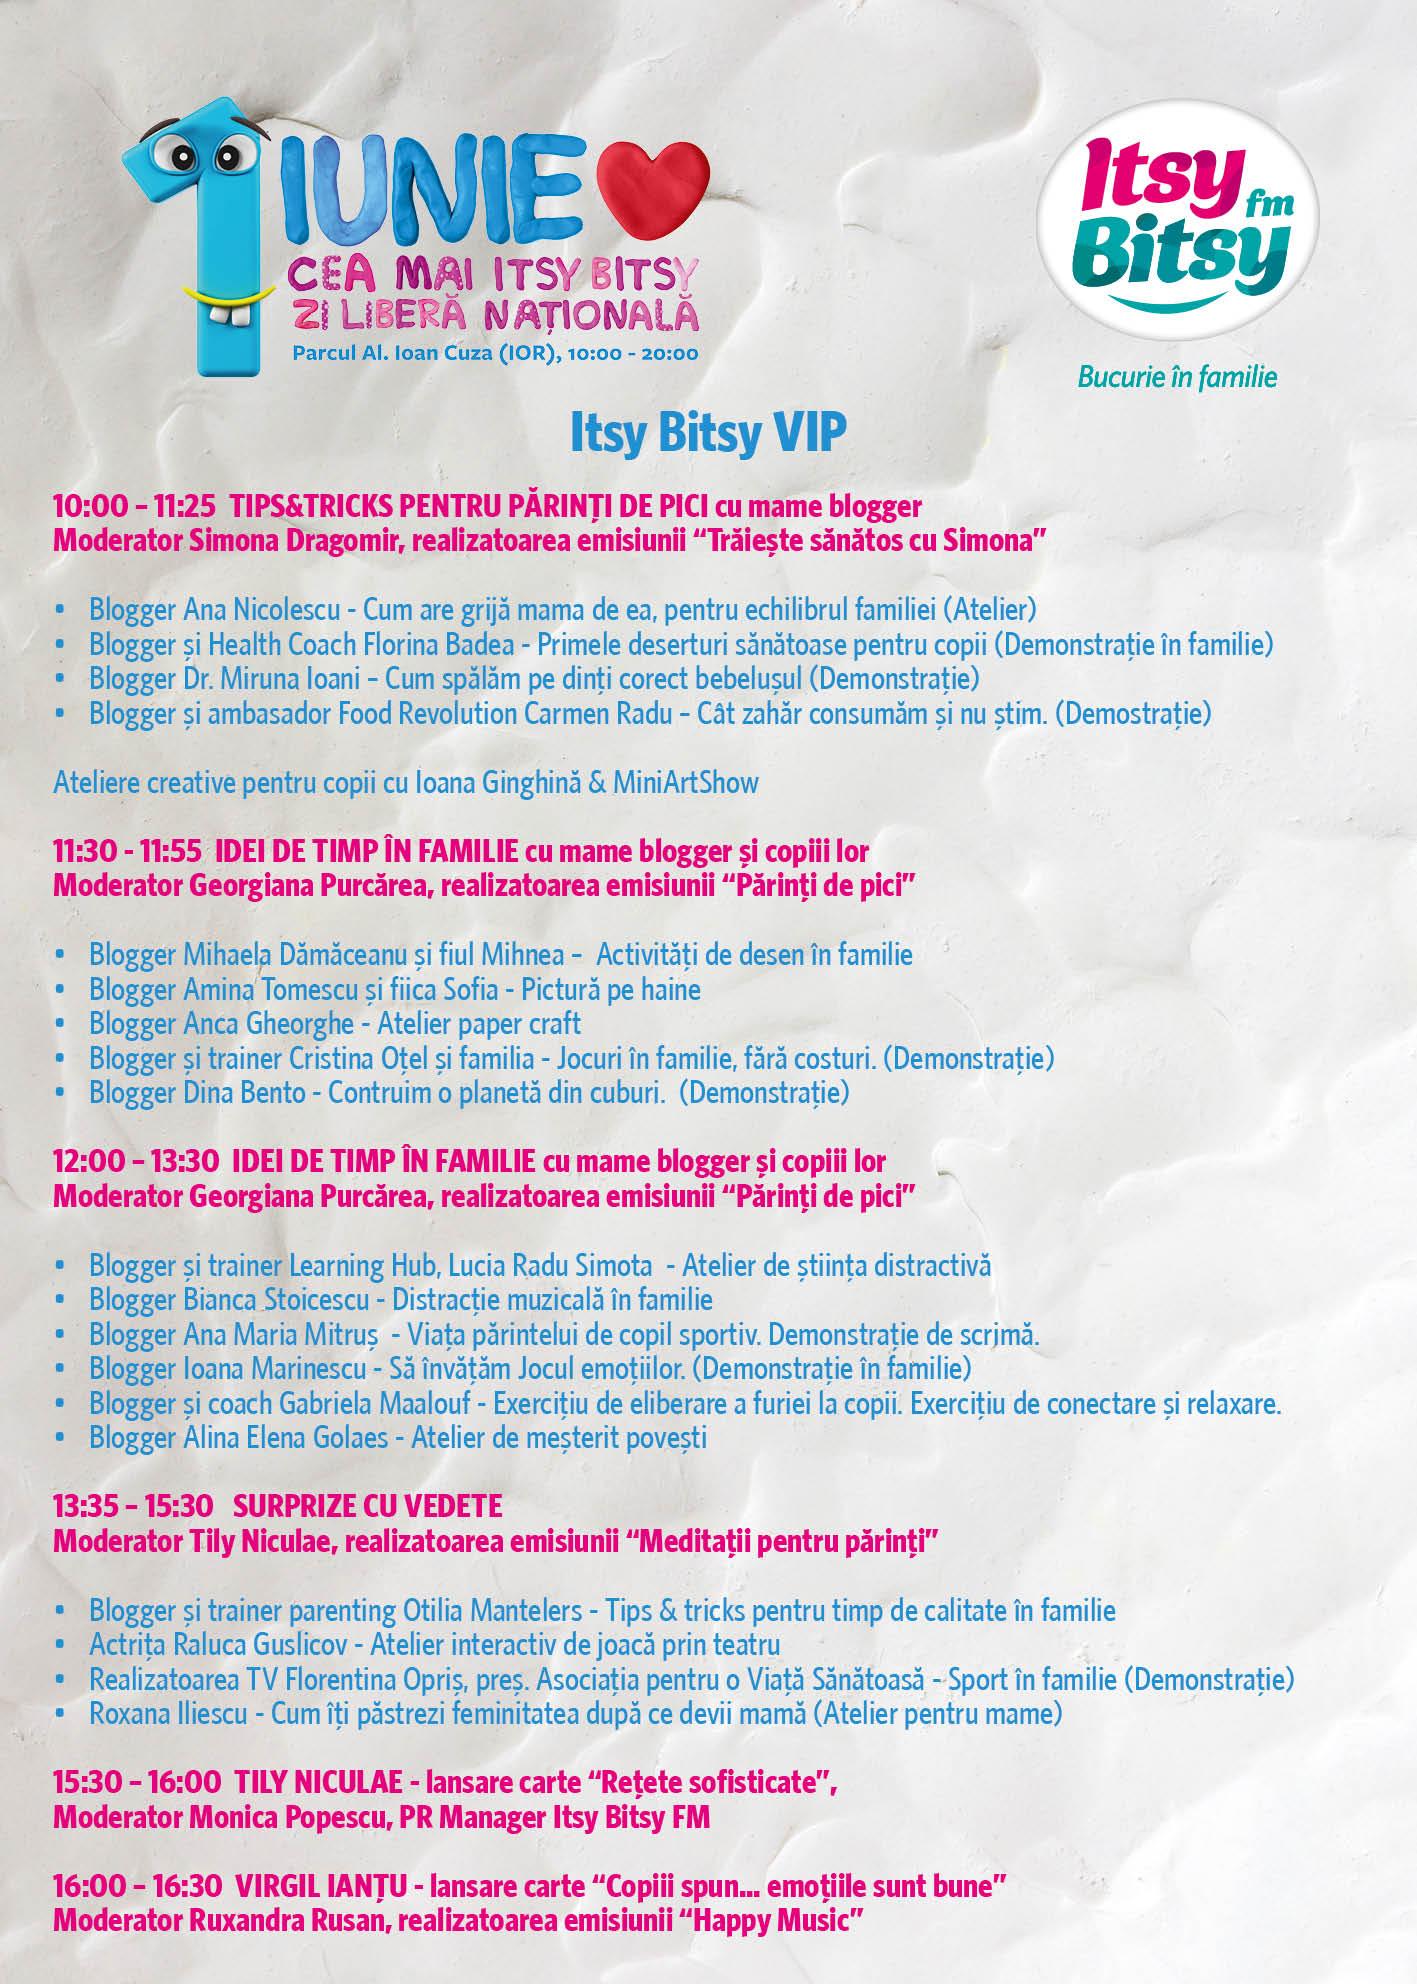 itsy bitsy 1 iunie VIP